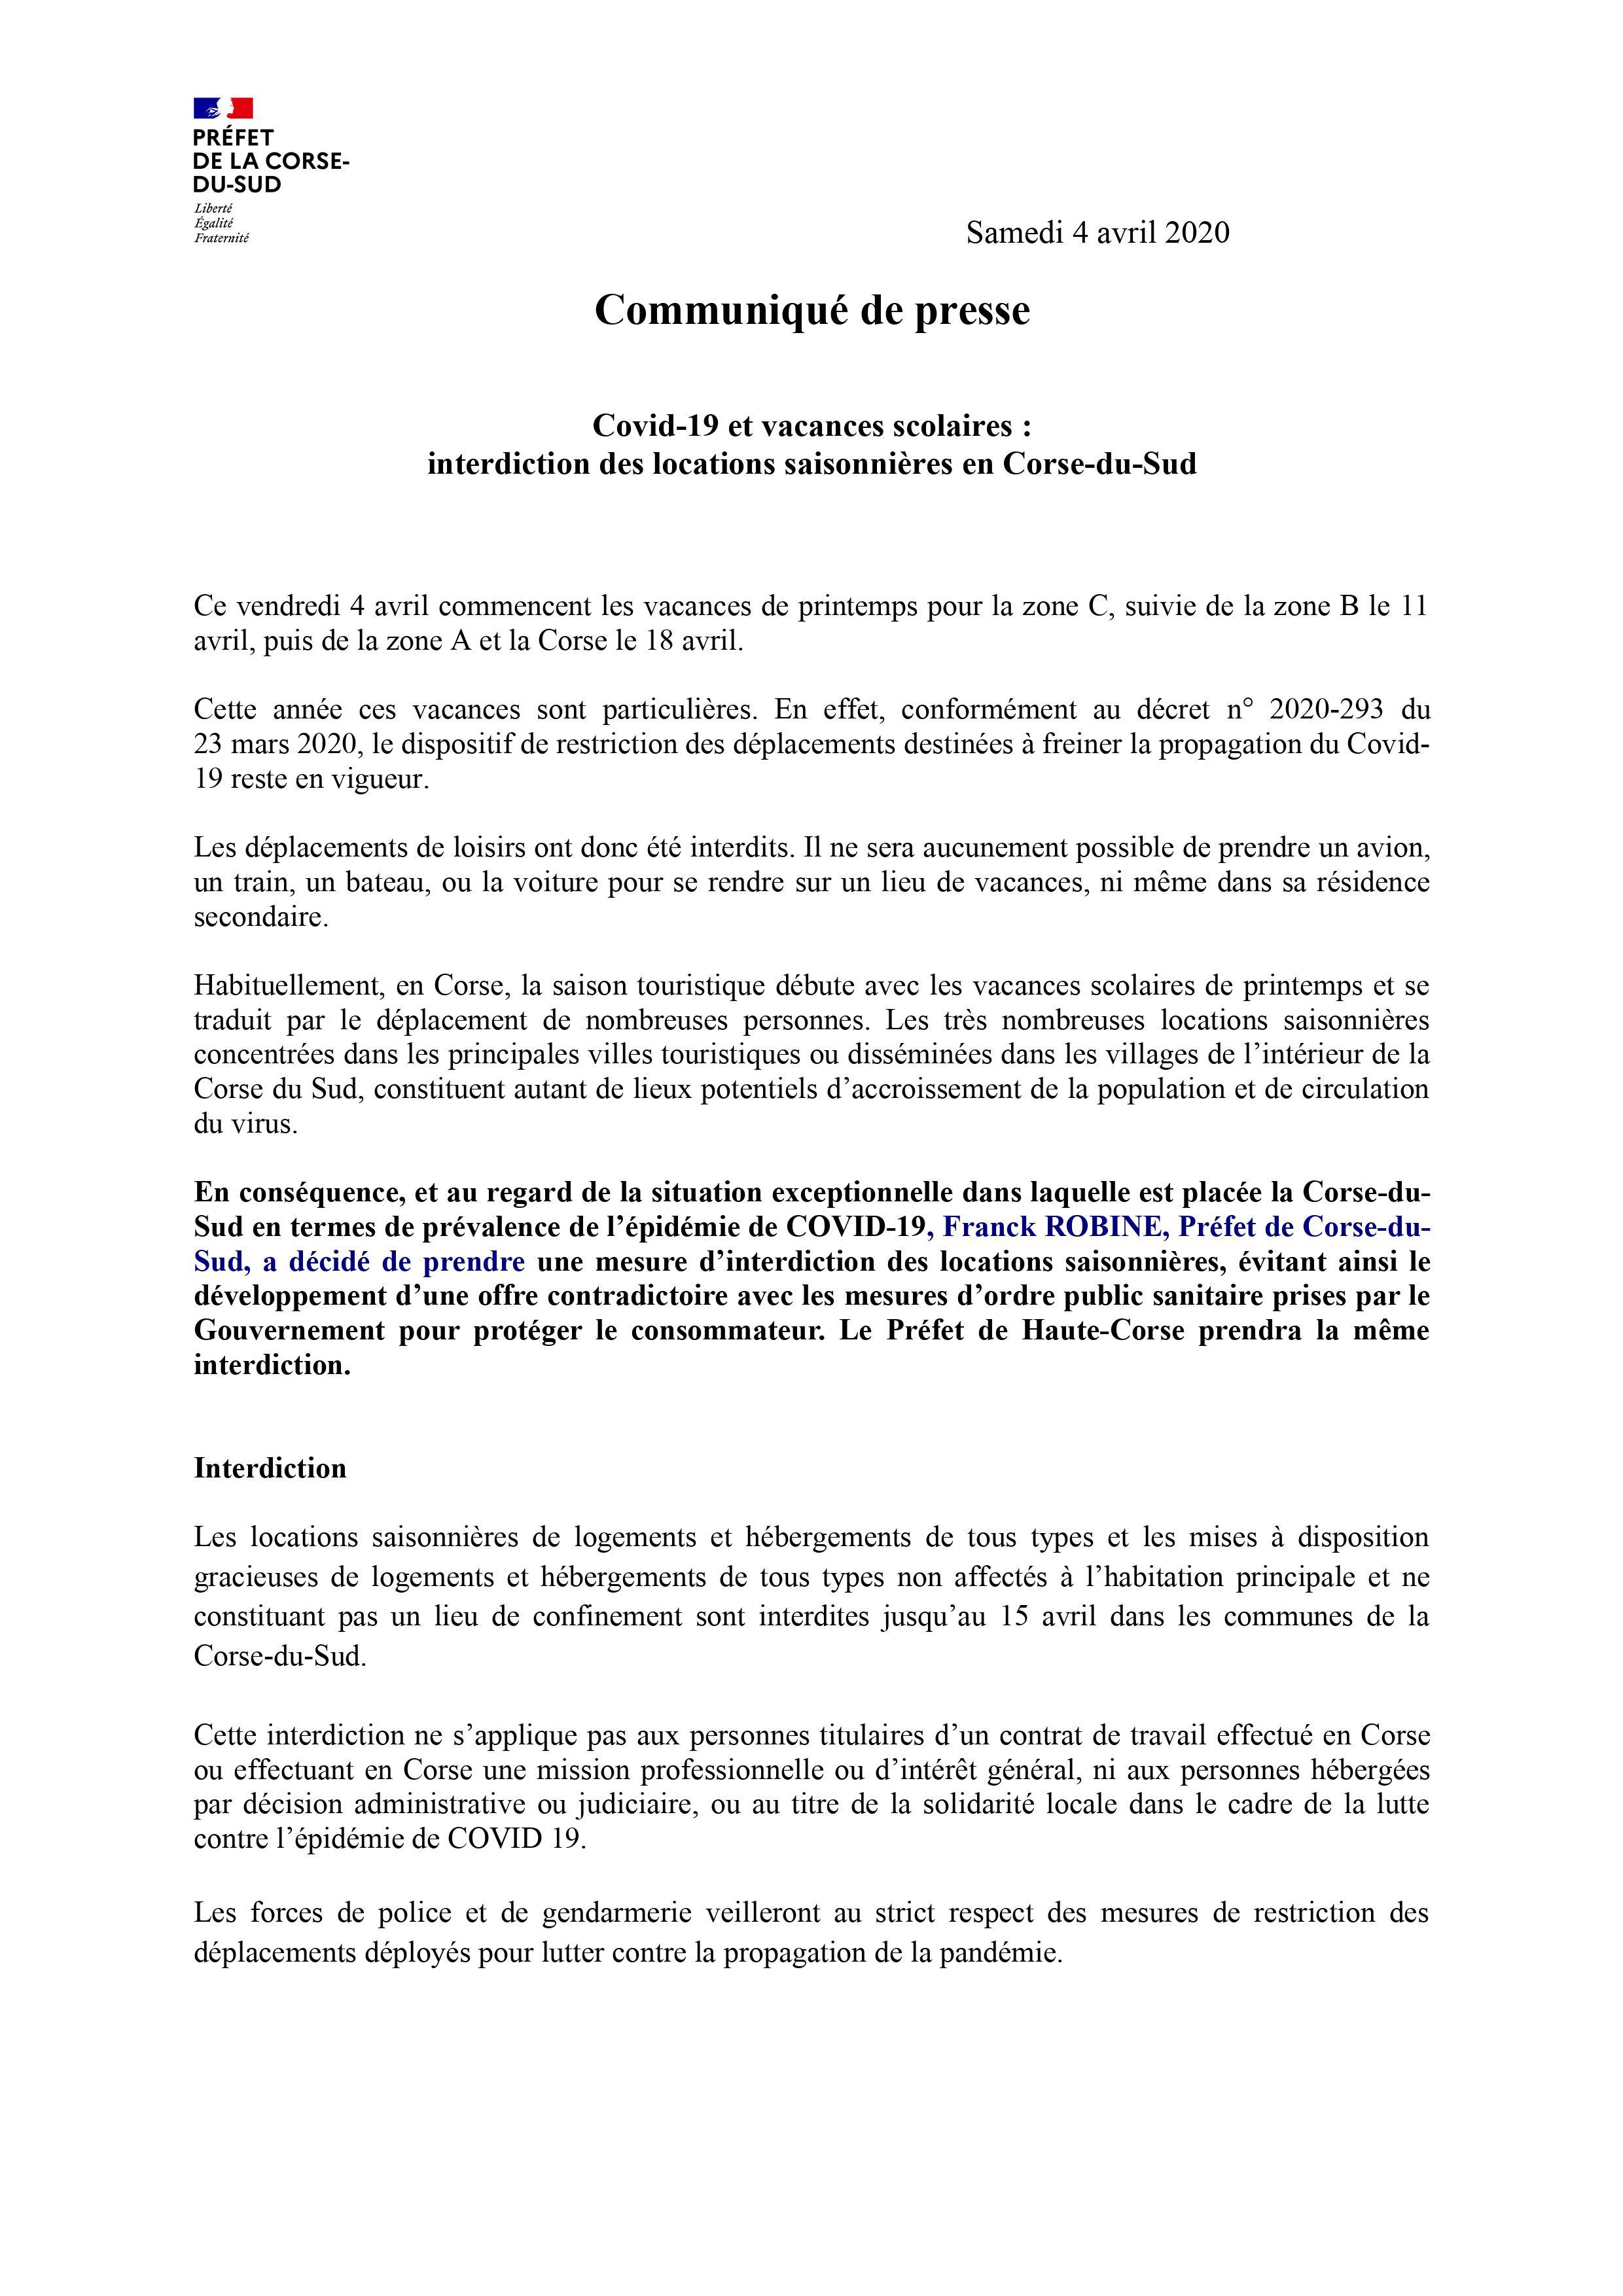 Covid-19 et vacances scolaires : interdiction des locations saisonnières en Corse-du-Sud